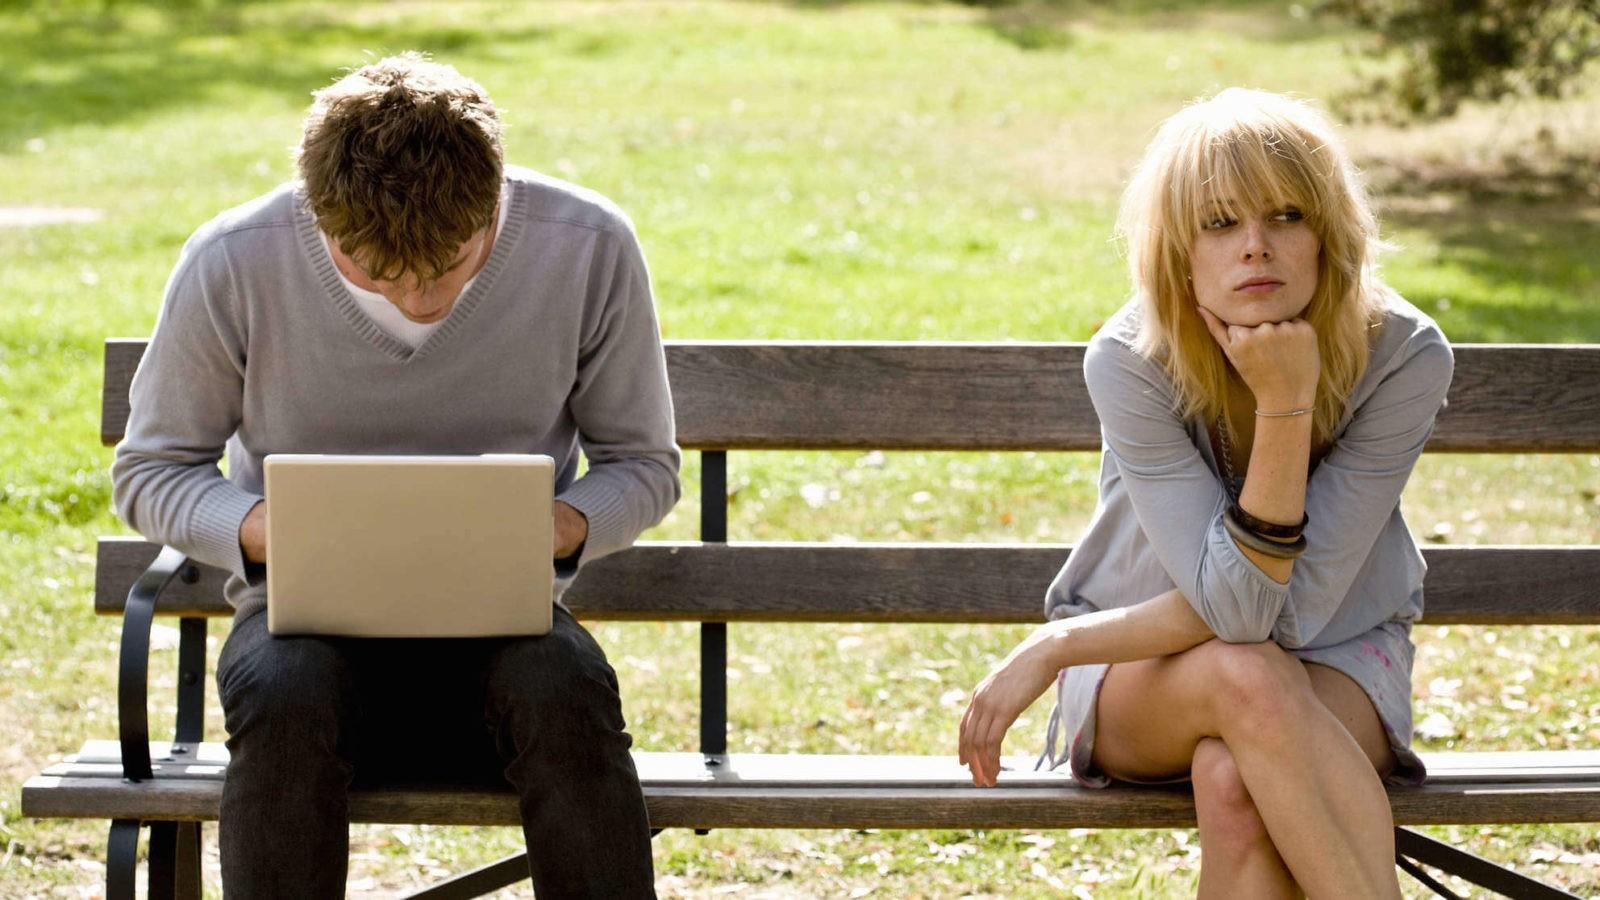 парень уделяет своей девушке мало внимания